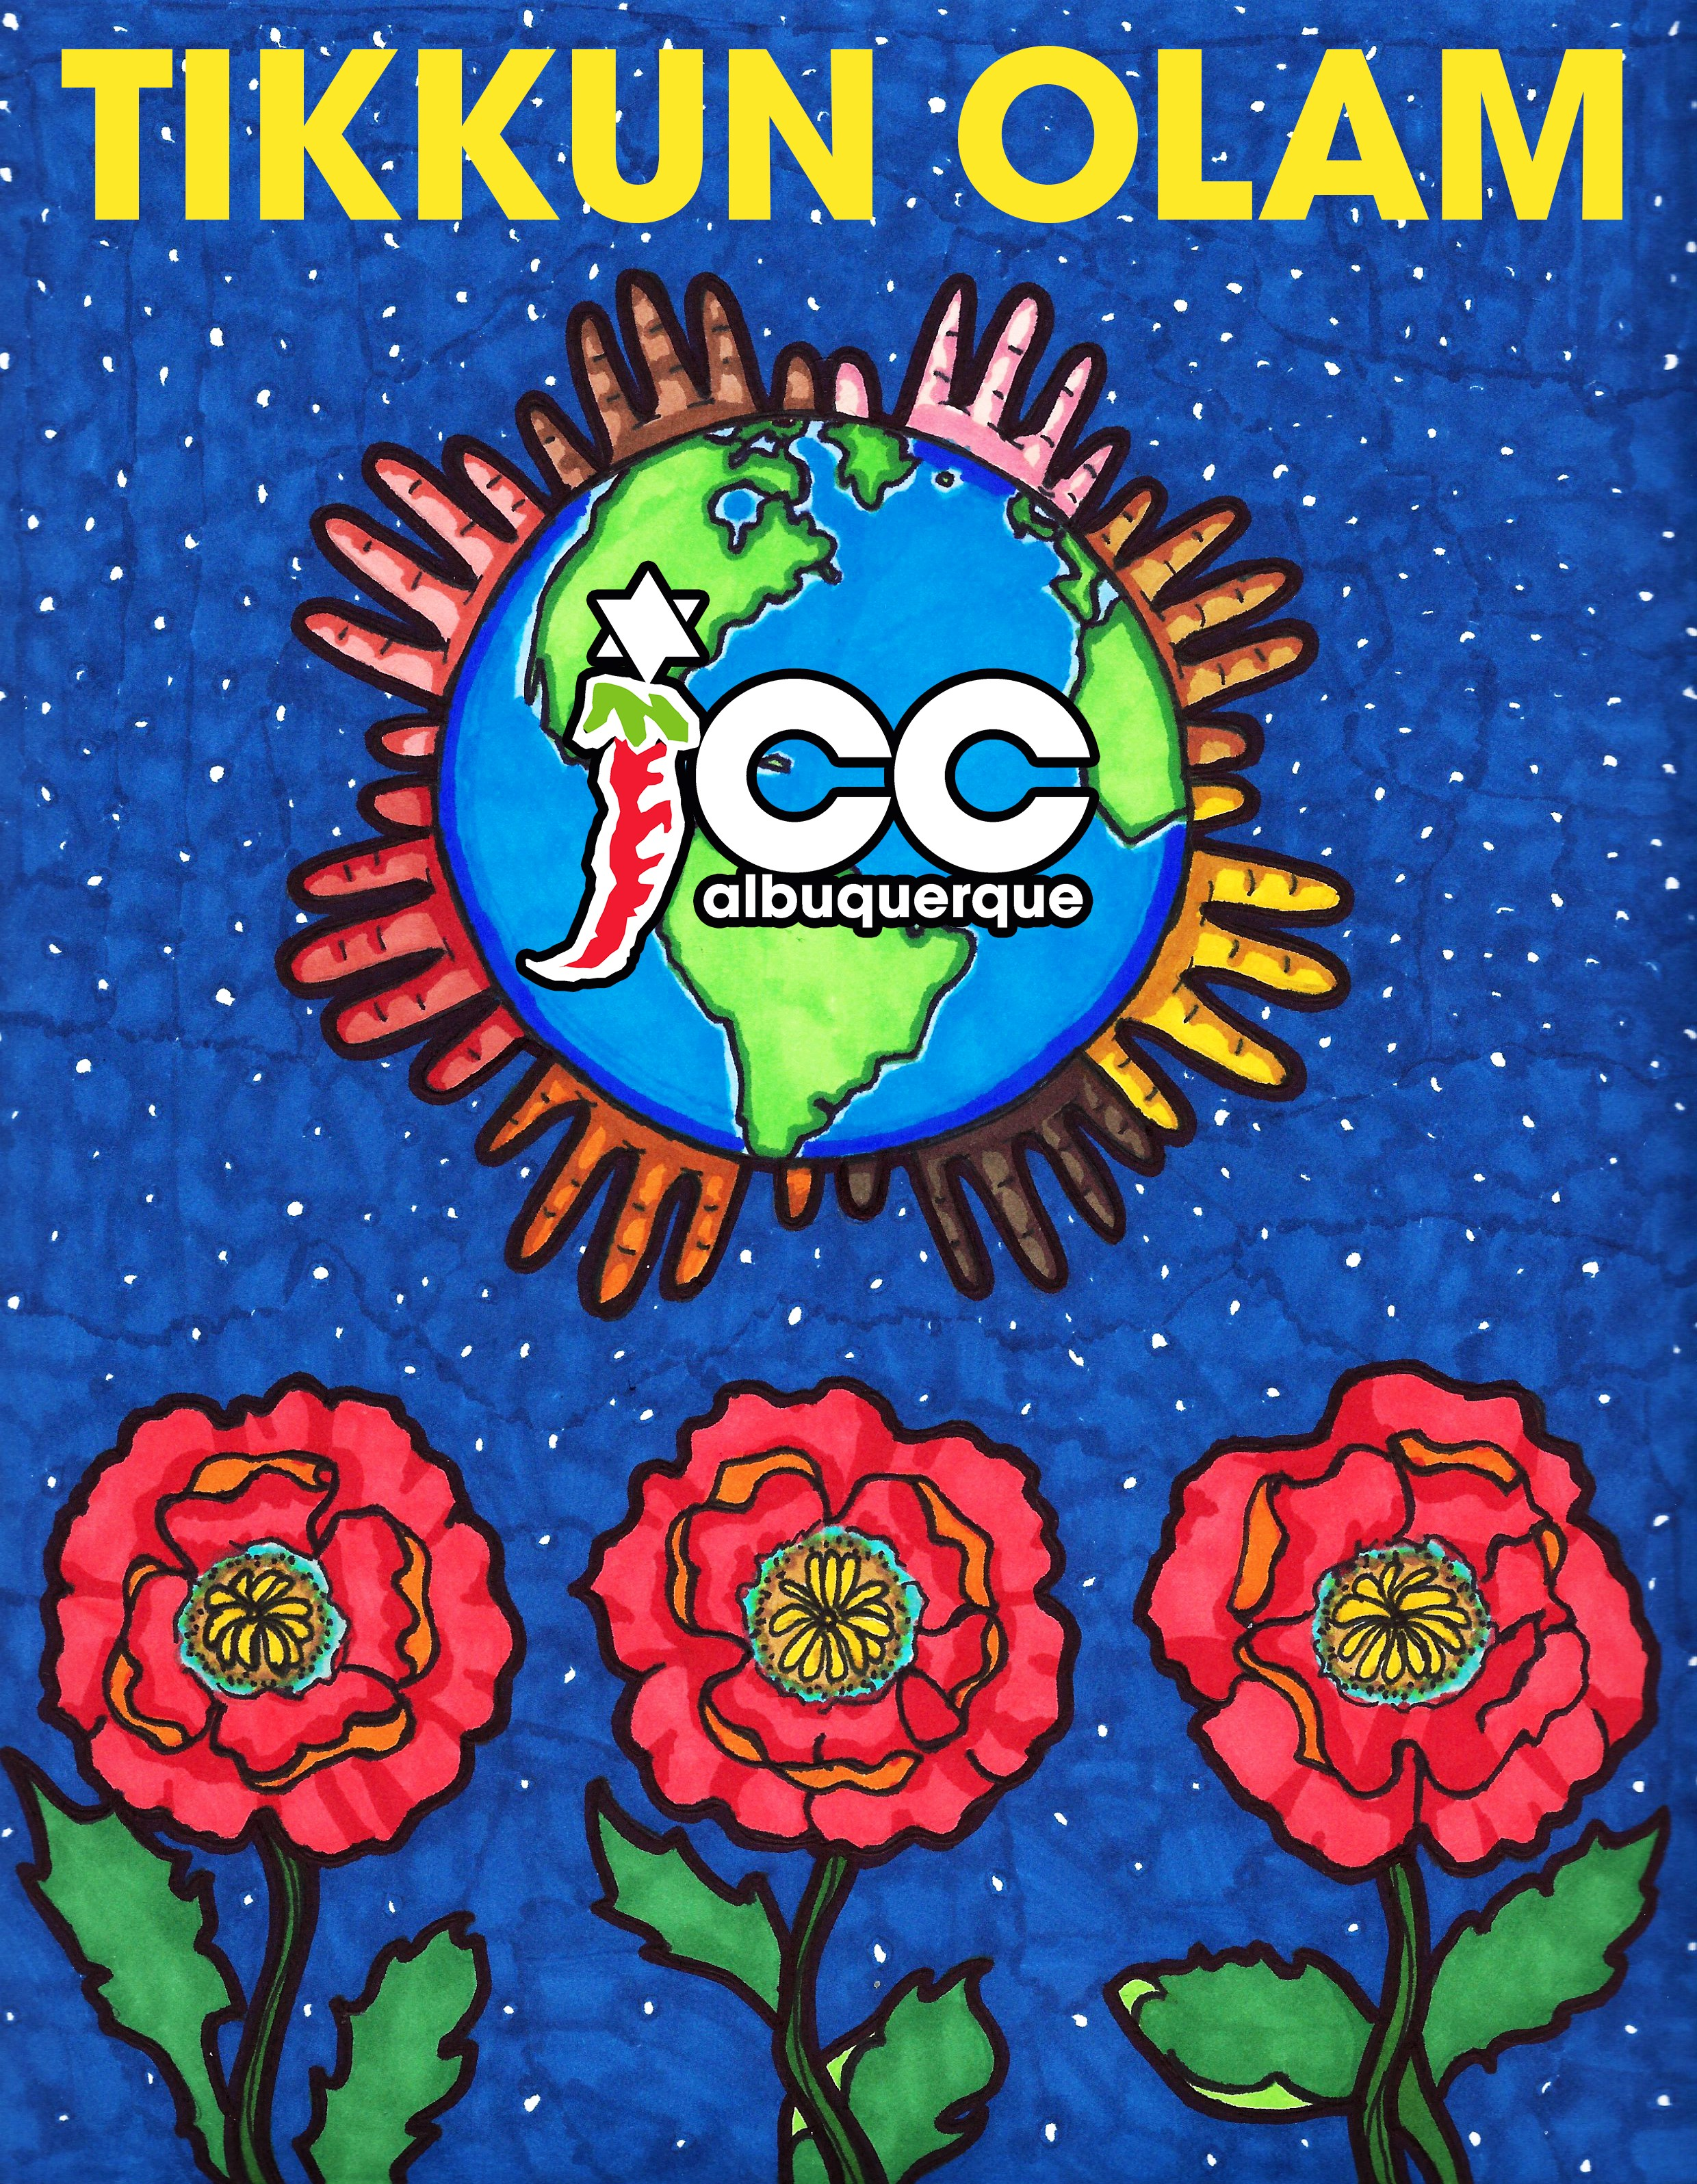 Jcc Albuquerque Jewish Community Center